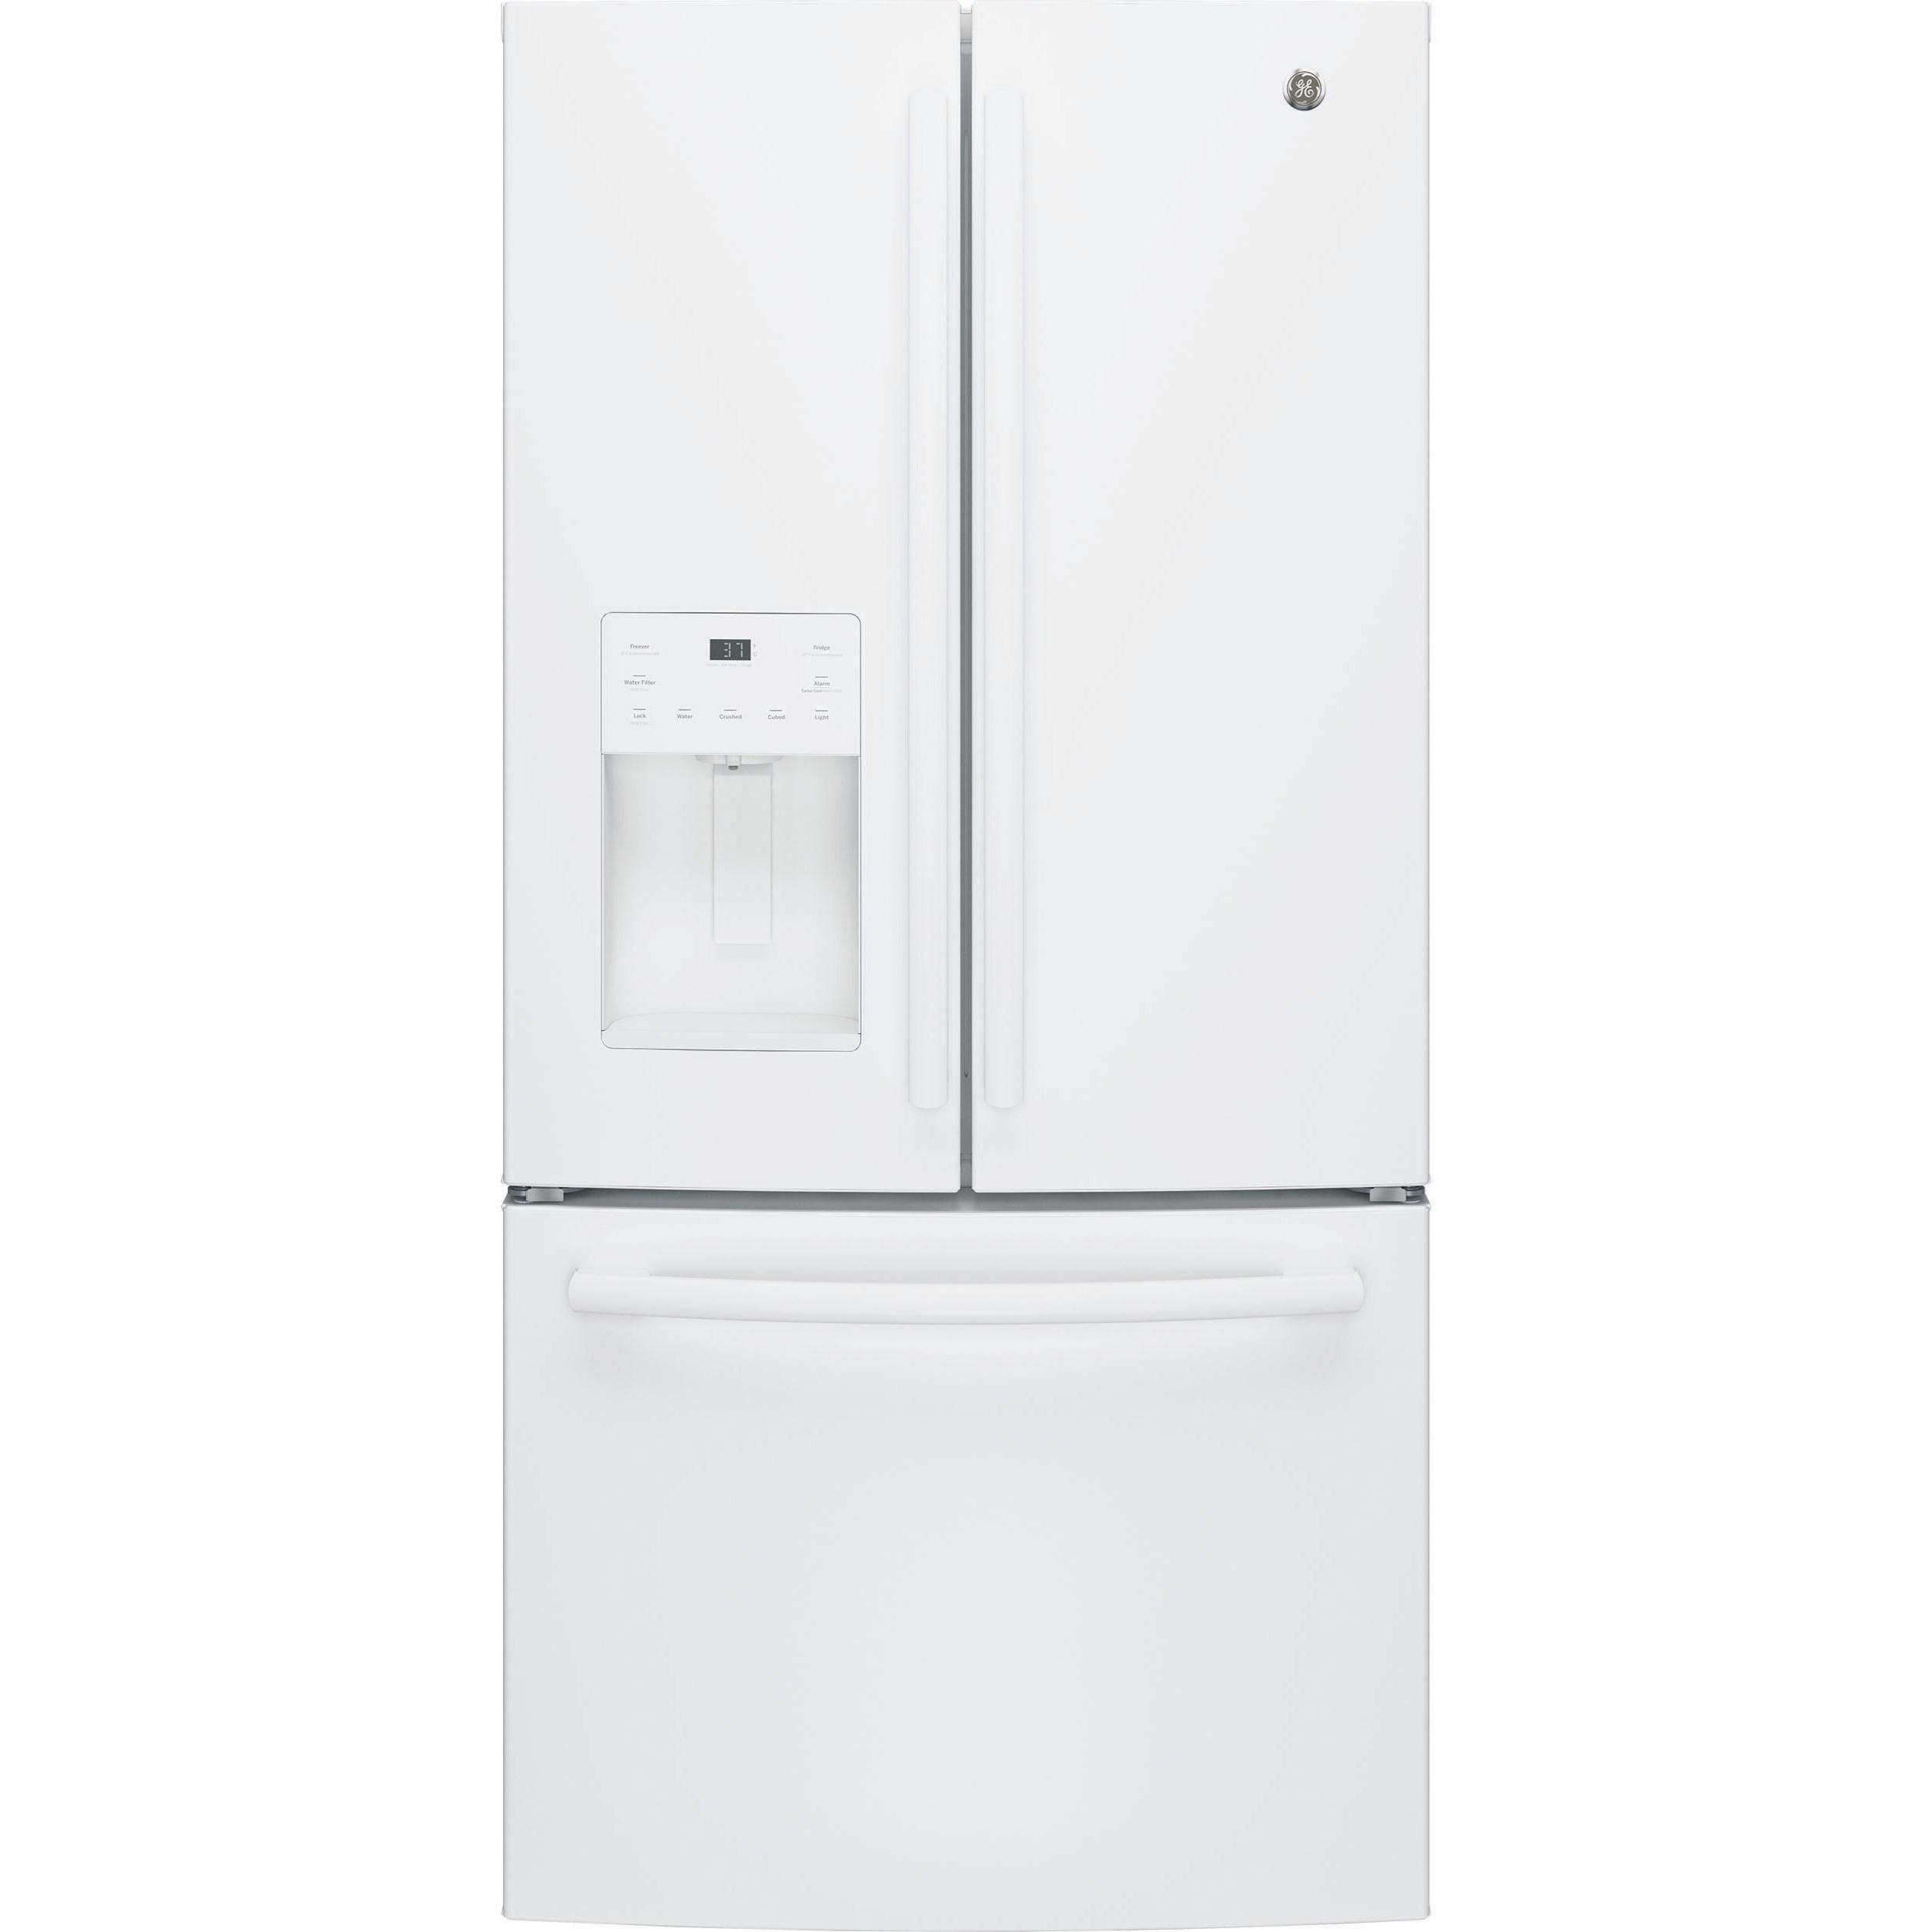 23.8 Cu. Ft. French-Door Refrigerator